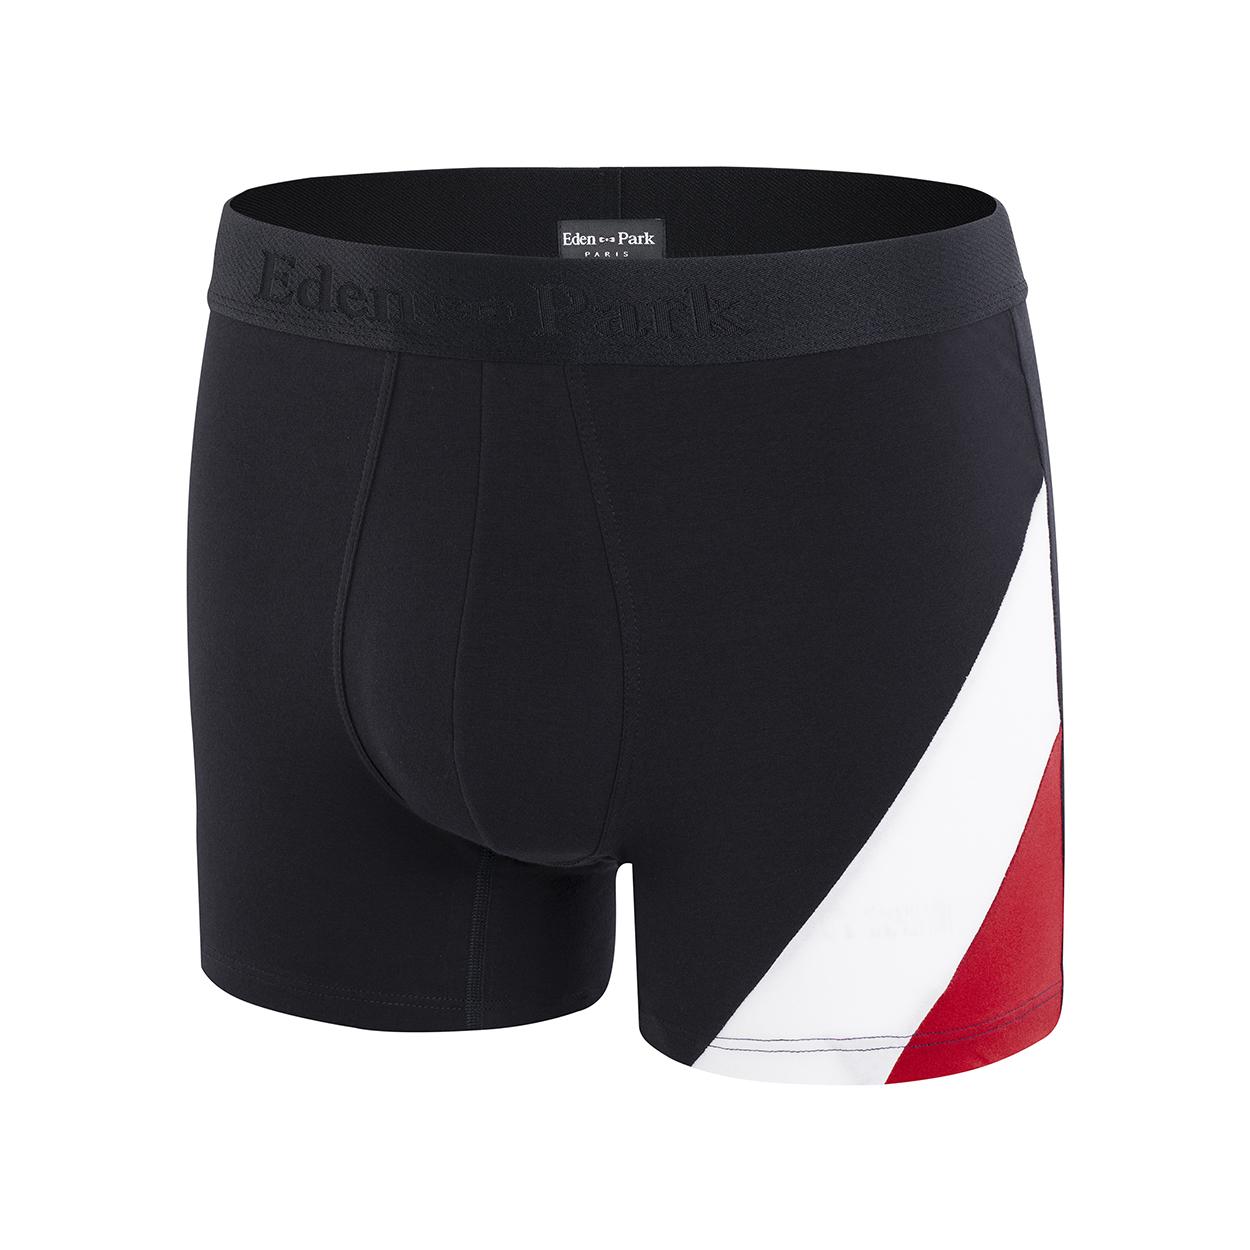 Boxer eden park en coton stretch bleu marine à bandes rouge et blanche